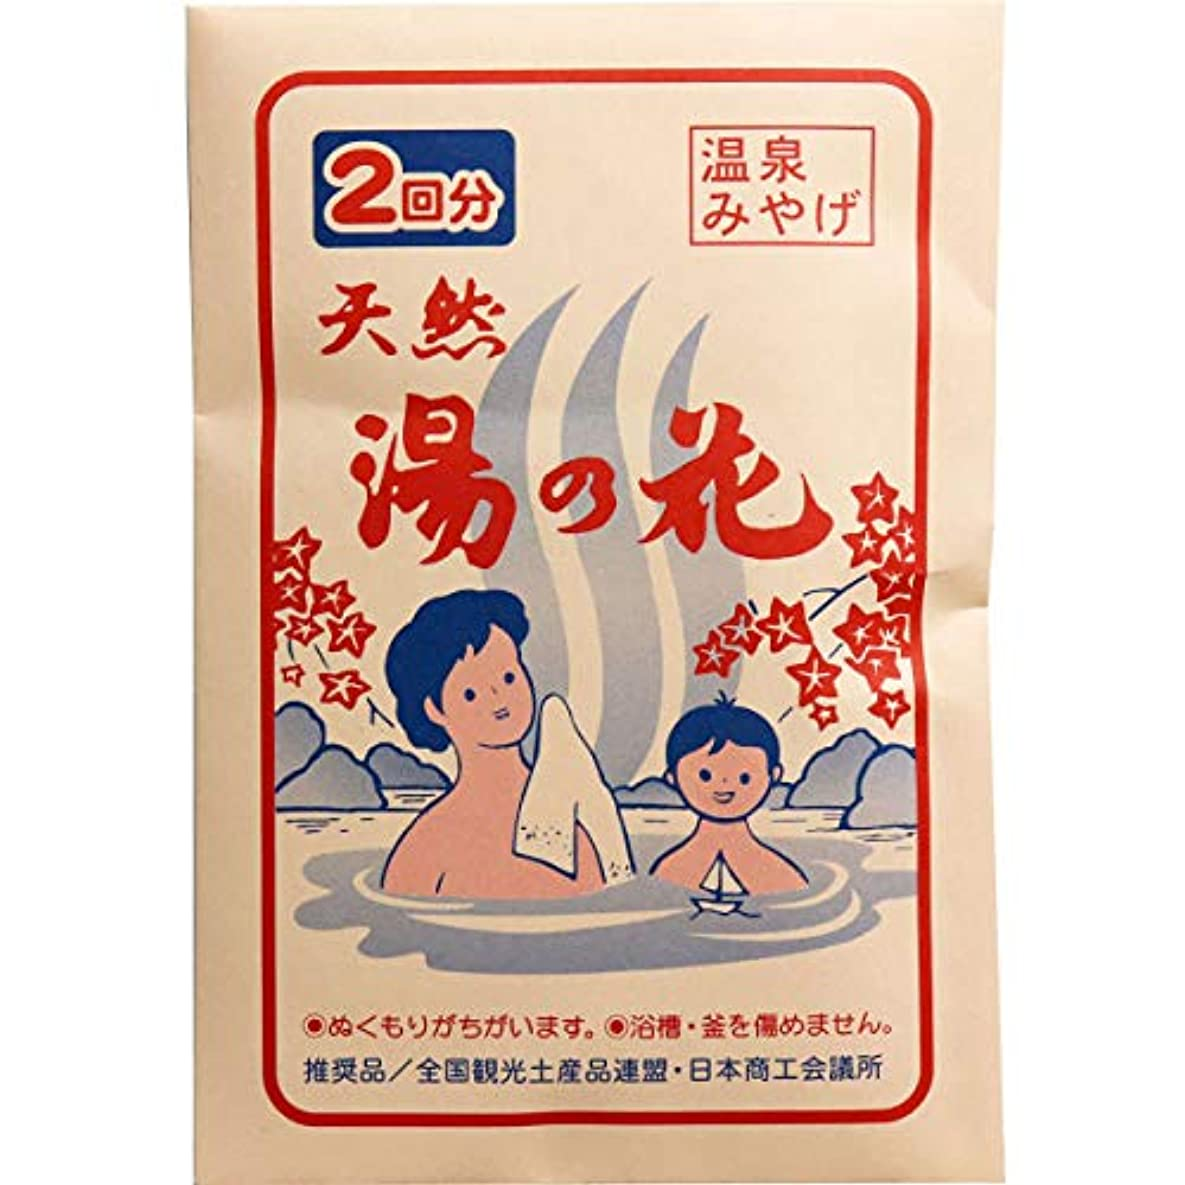 天然湯の花 小袋分包2回分 KA-2 15g×2包入